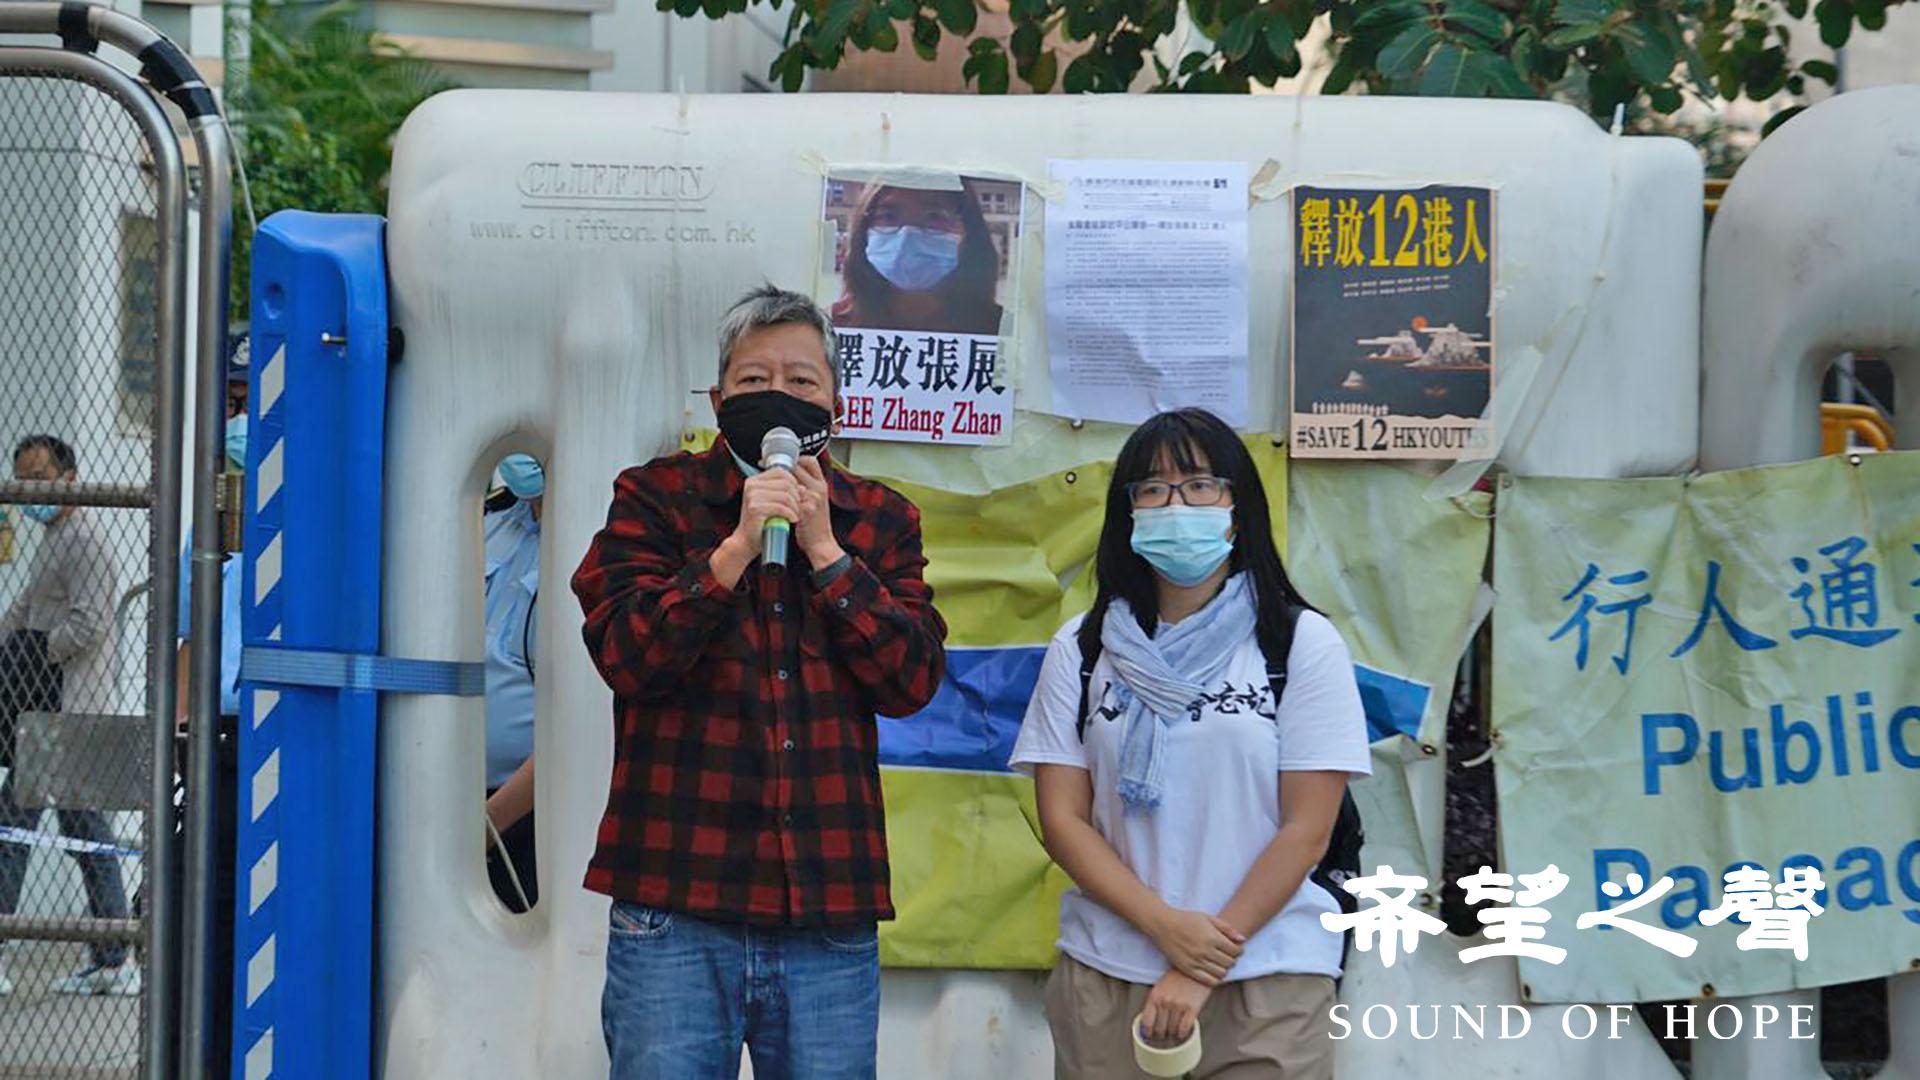 香港支联会同日中午到中联办外请愿,要求释放12名被扣押在深圳的港人及内地公民记者张展。(图片来源:希望之声 摄影:郑铭)